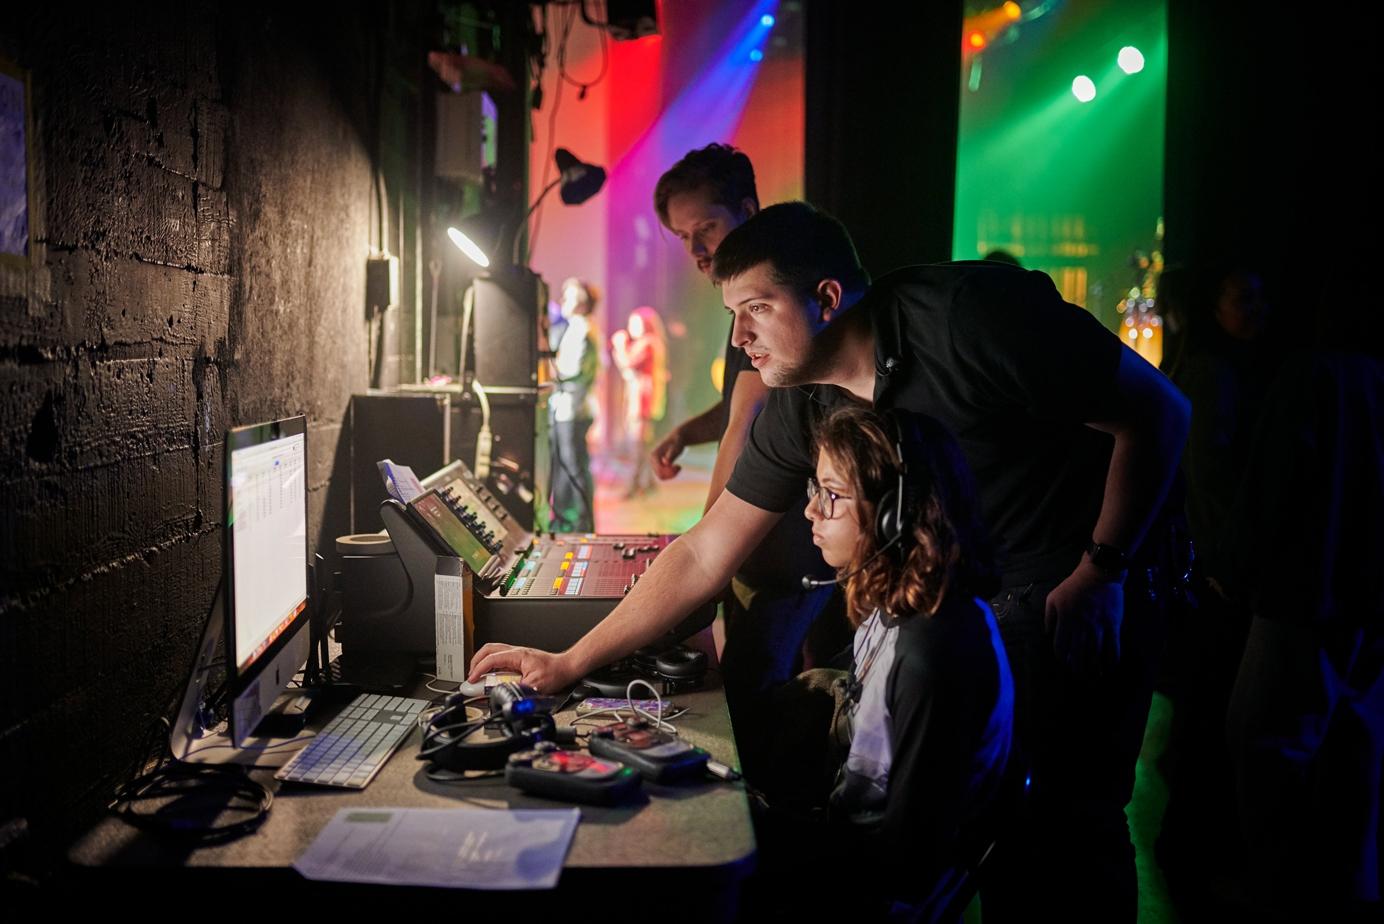 Apple Distingished Educators Huntington Beach backstage monitoring team 02252019 big carousel.jpg.medium 2x - Týždeň v skratke: USB štandardy, sledovanie spánku a politikárčenie s investormi